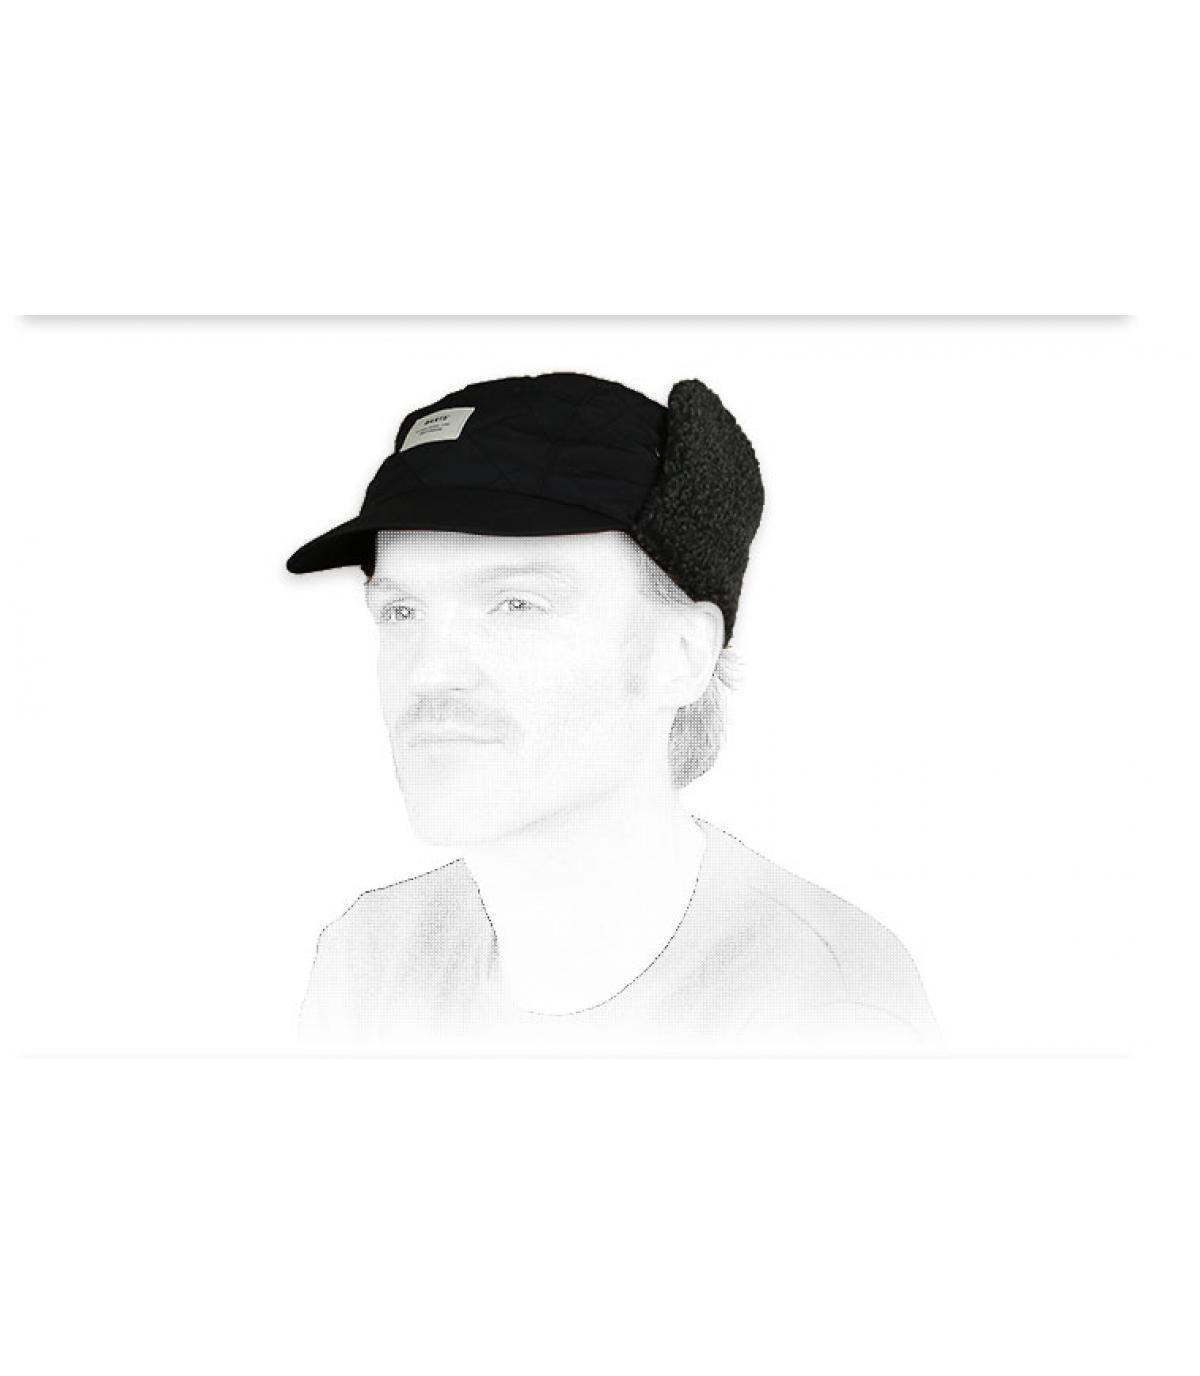 Détails Aspen Cap black - image 4